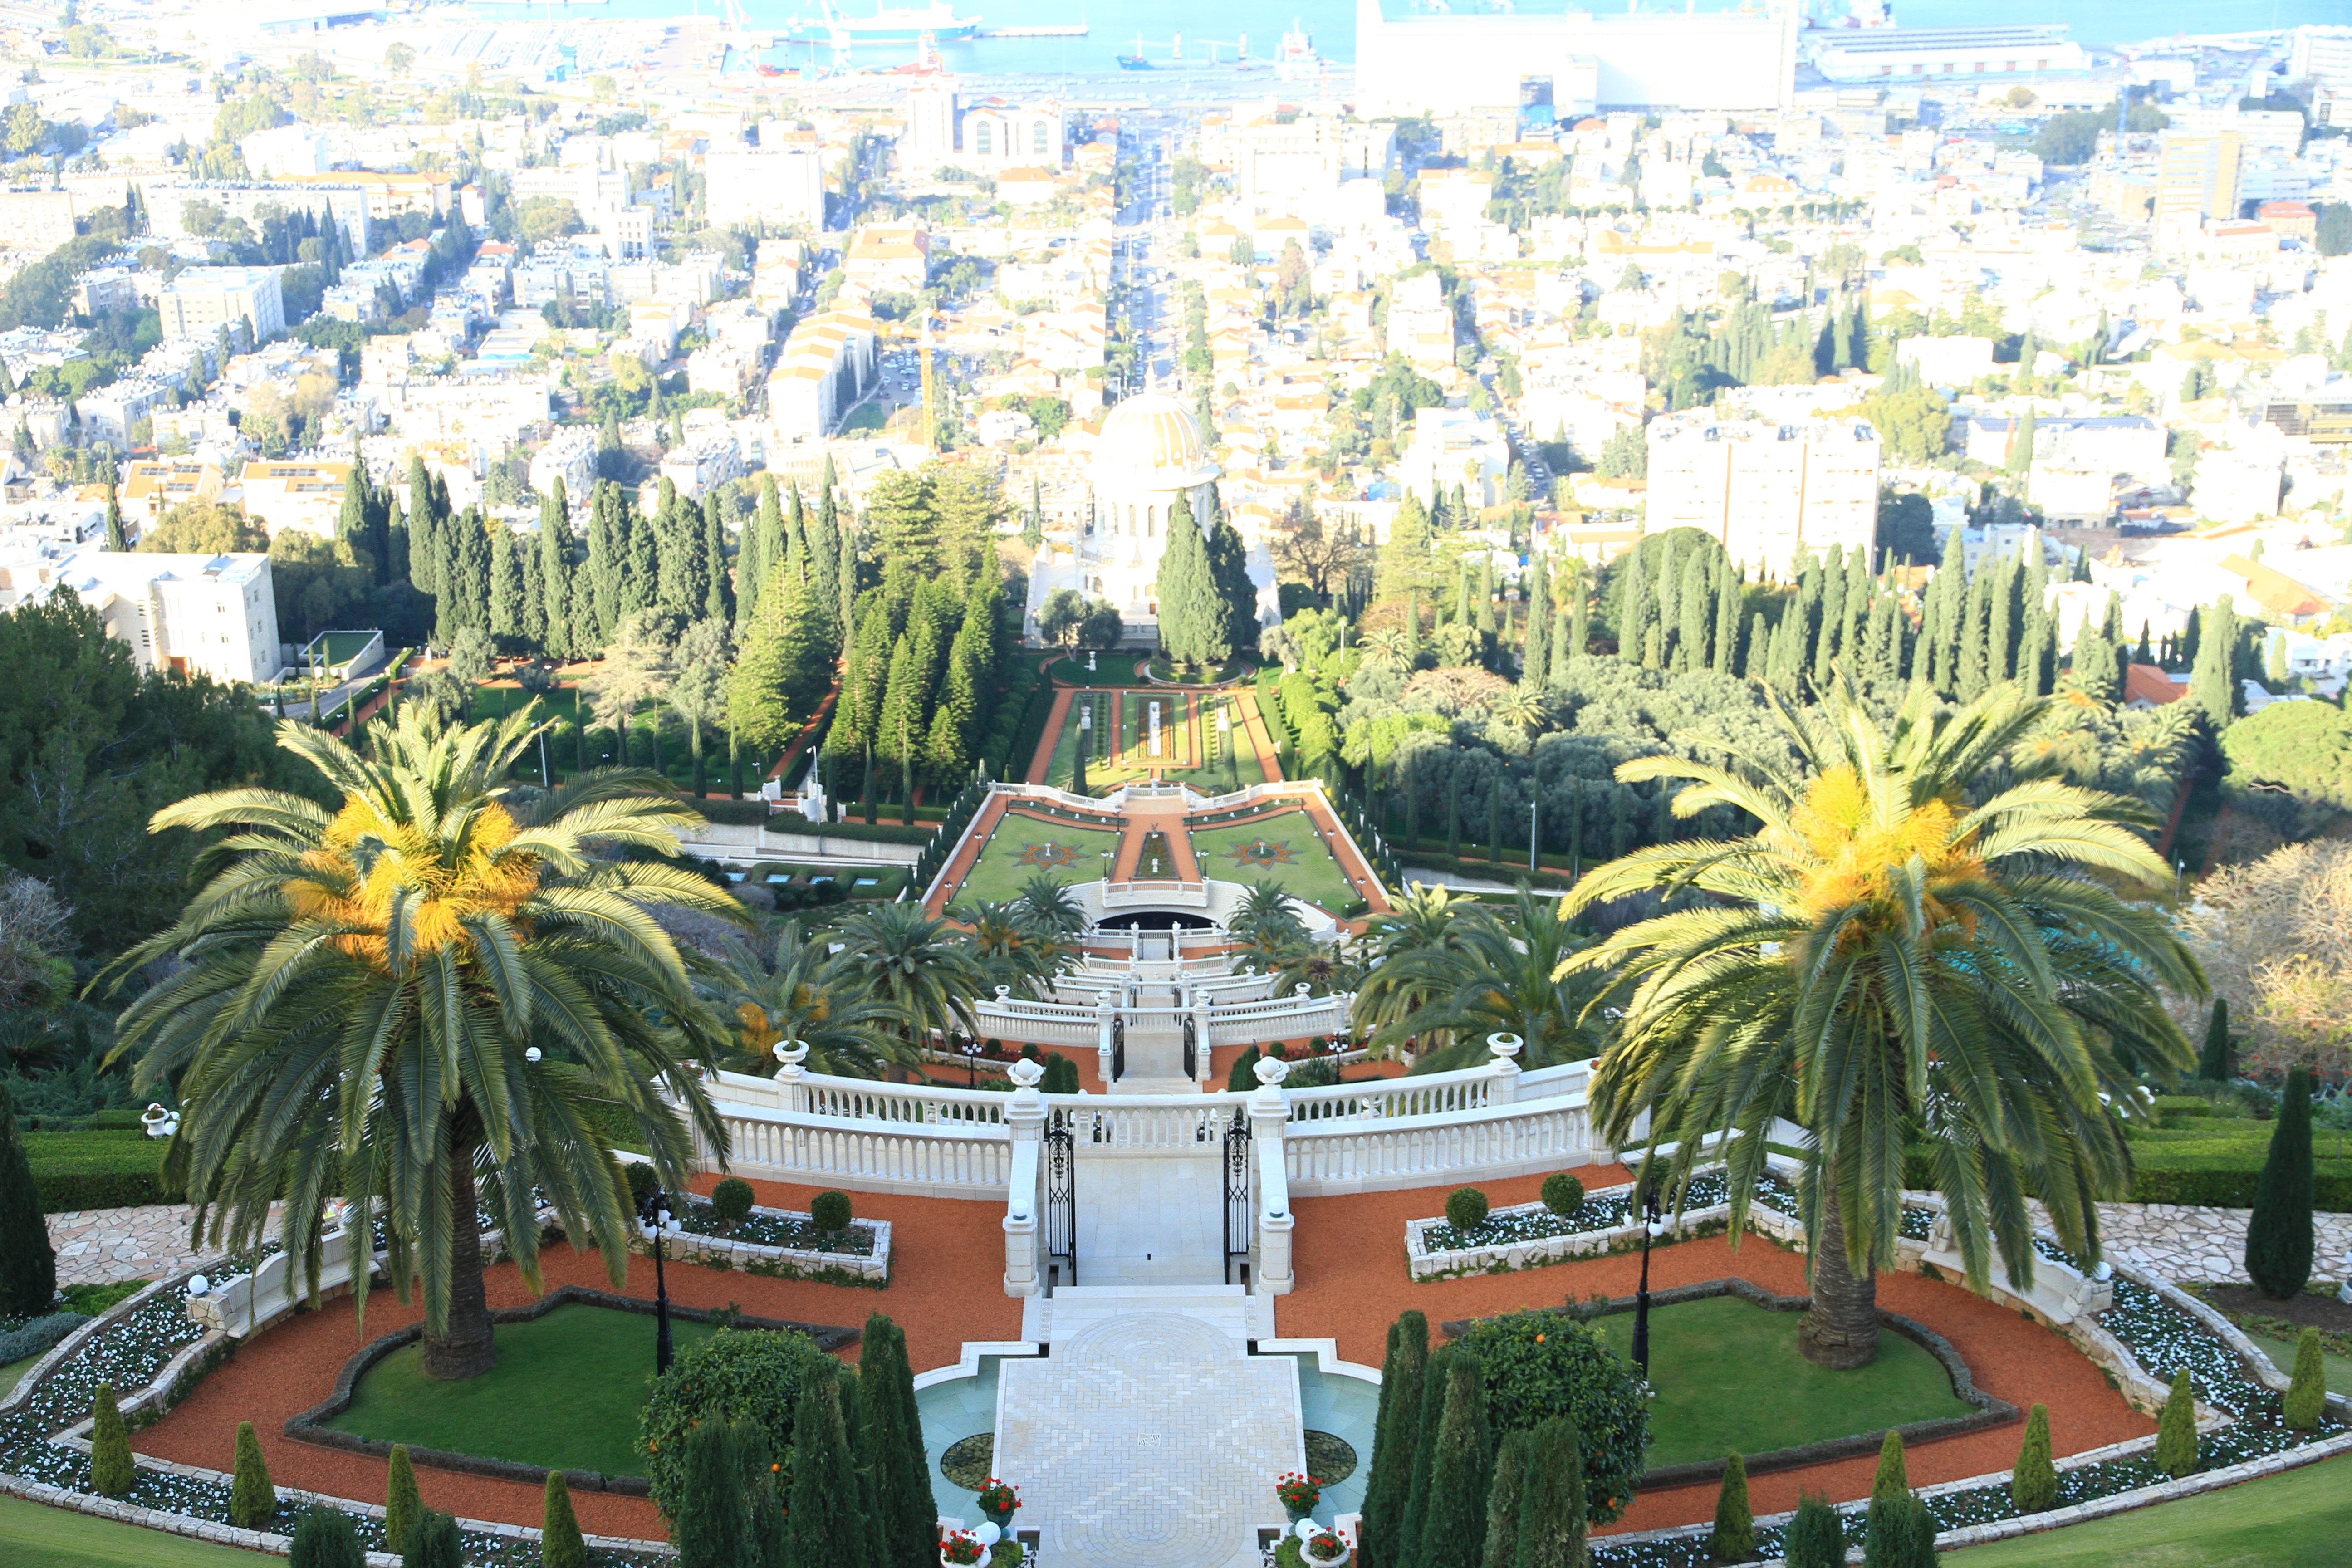 巴哈伊空中花园1